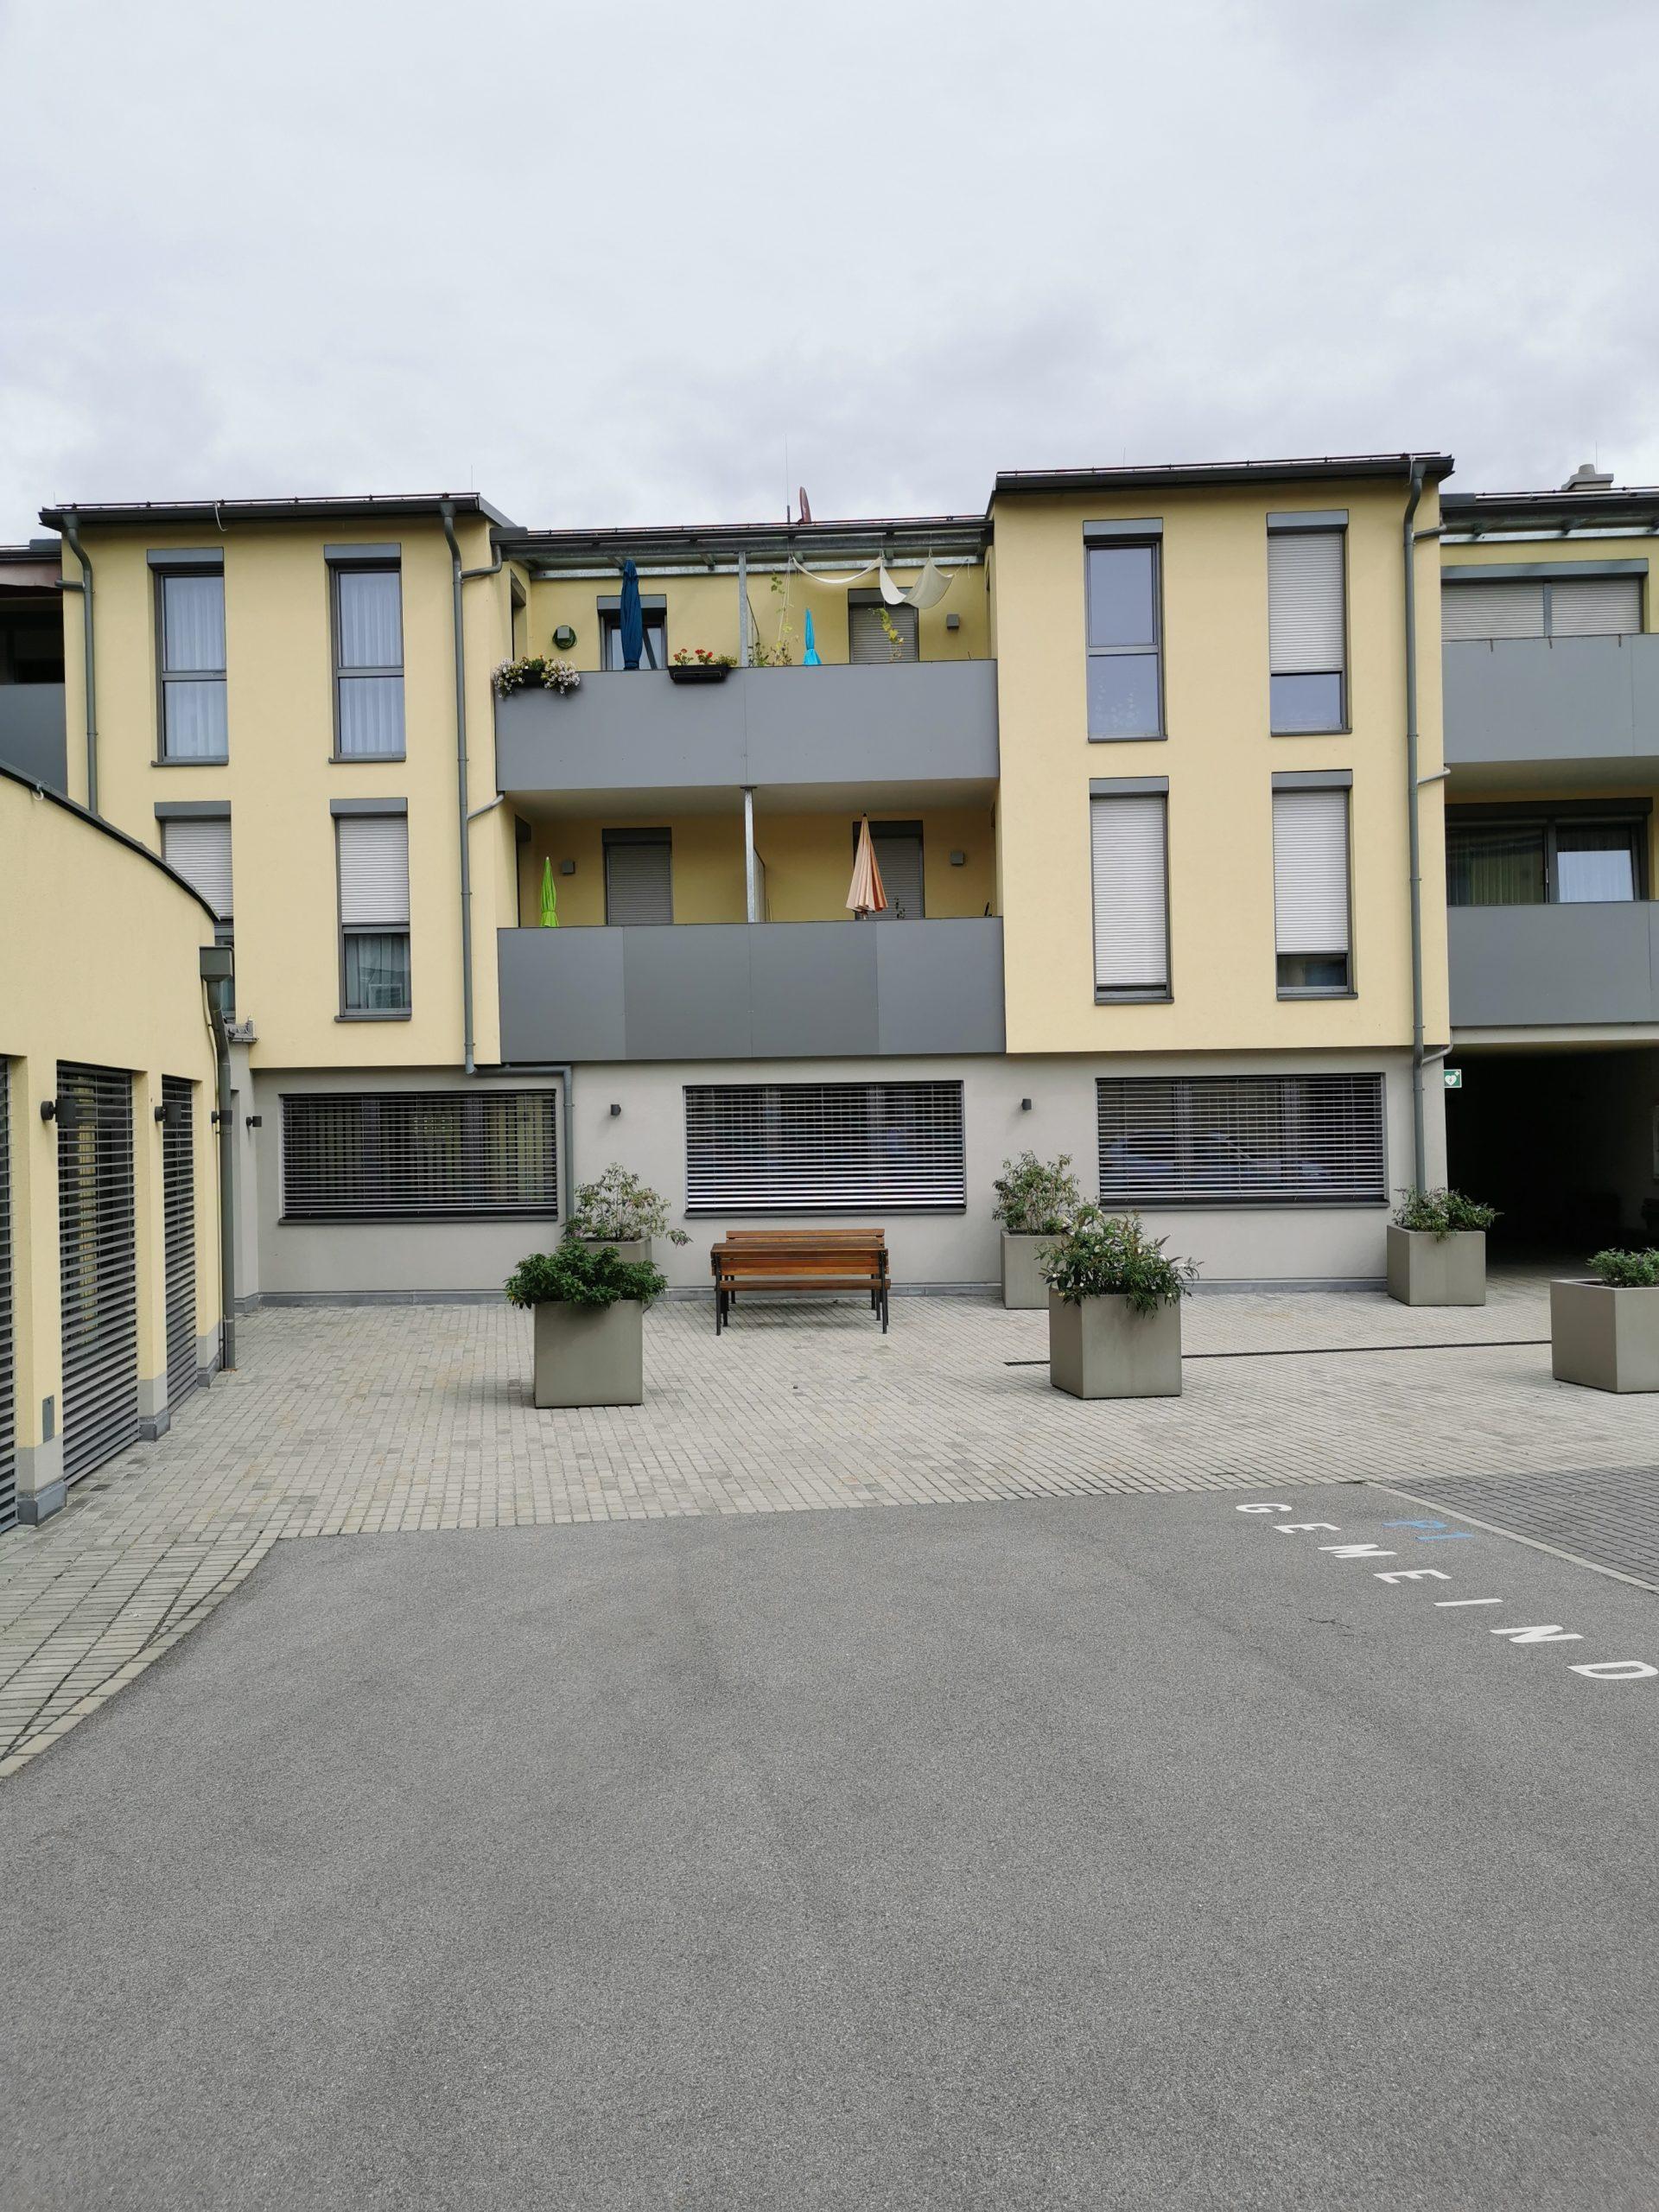 Immobilie von Kamptal in 2193 Wilfersdorf, Mistelbach, Wilfersdorf II - Top 204 #5